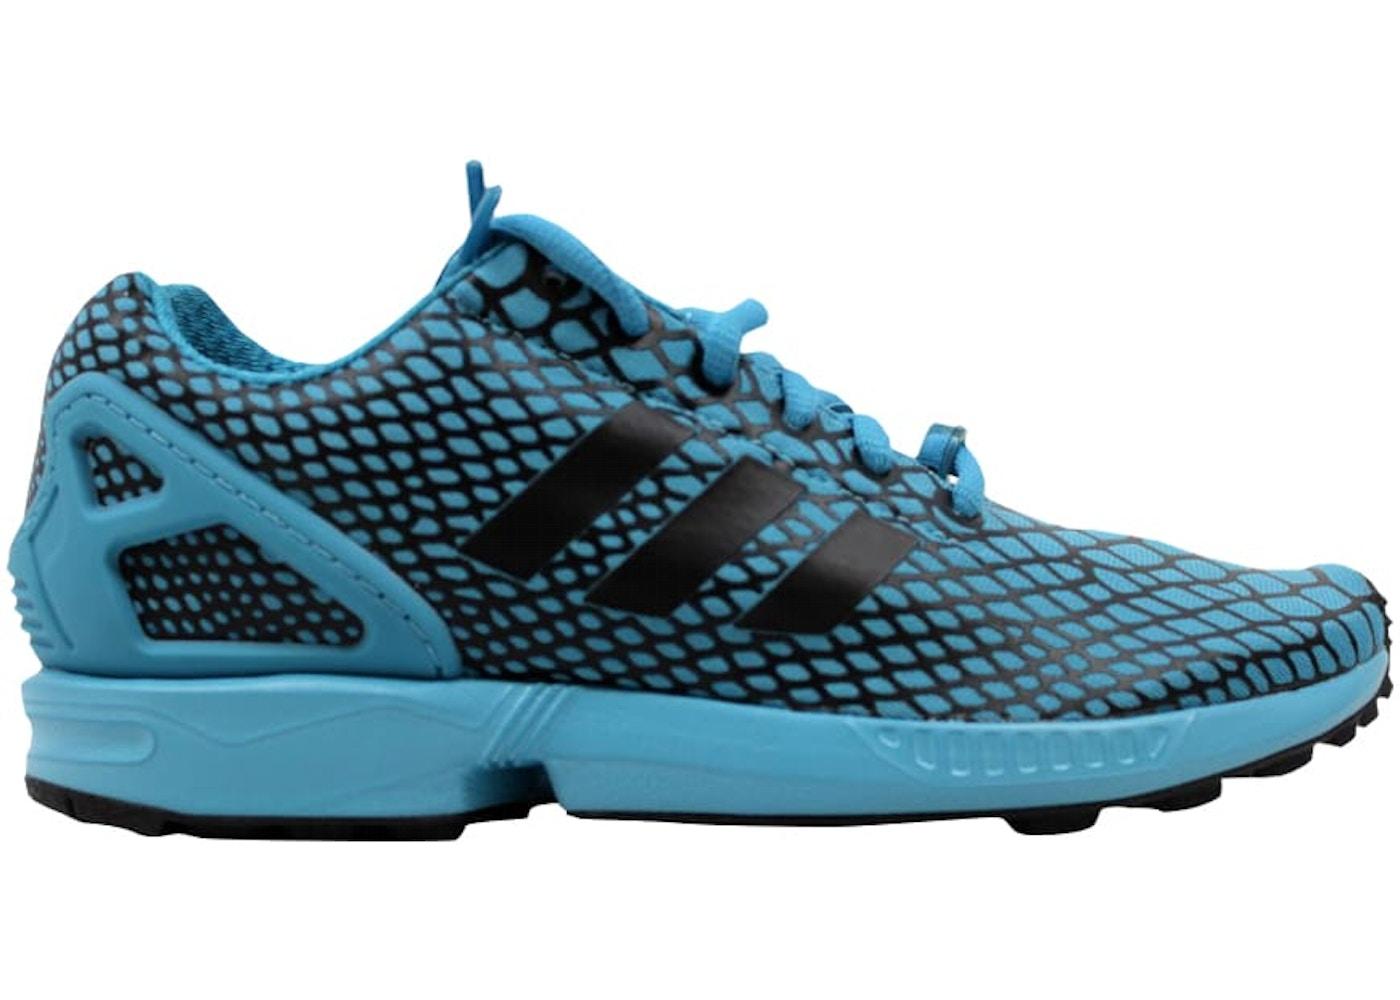 c3255c719301 adidas ZX Flux Techfit Core Black Blanch Sea Blue. Core Black Blanch Sea  Blue